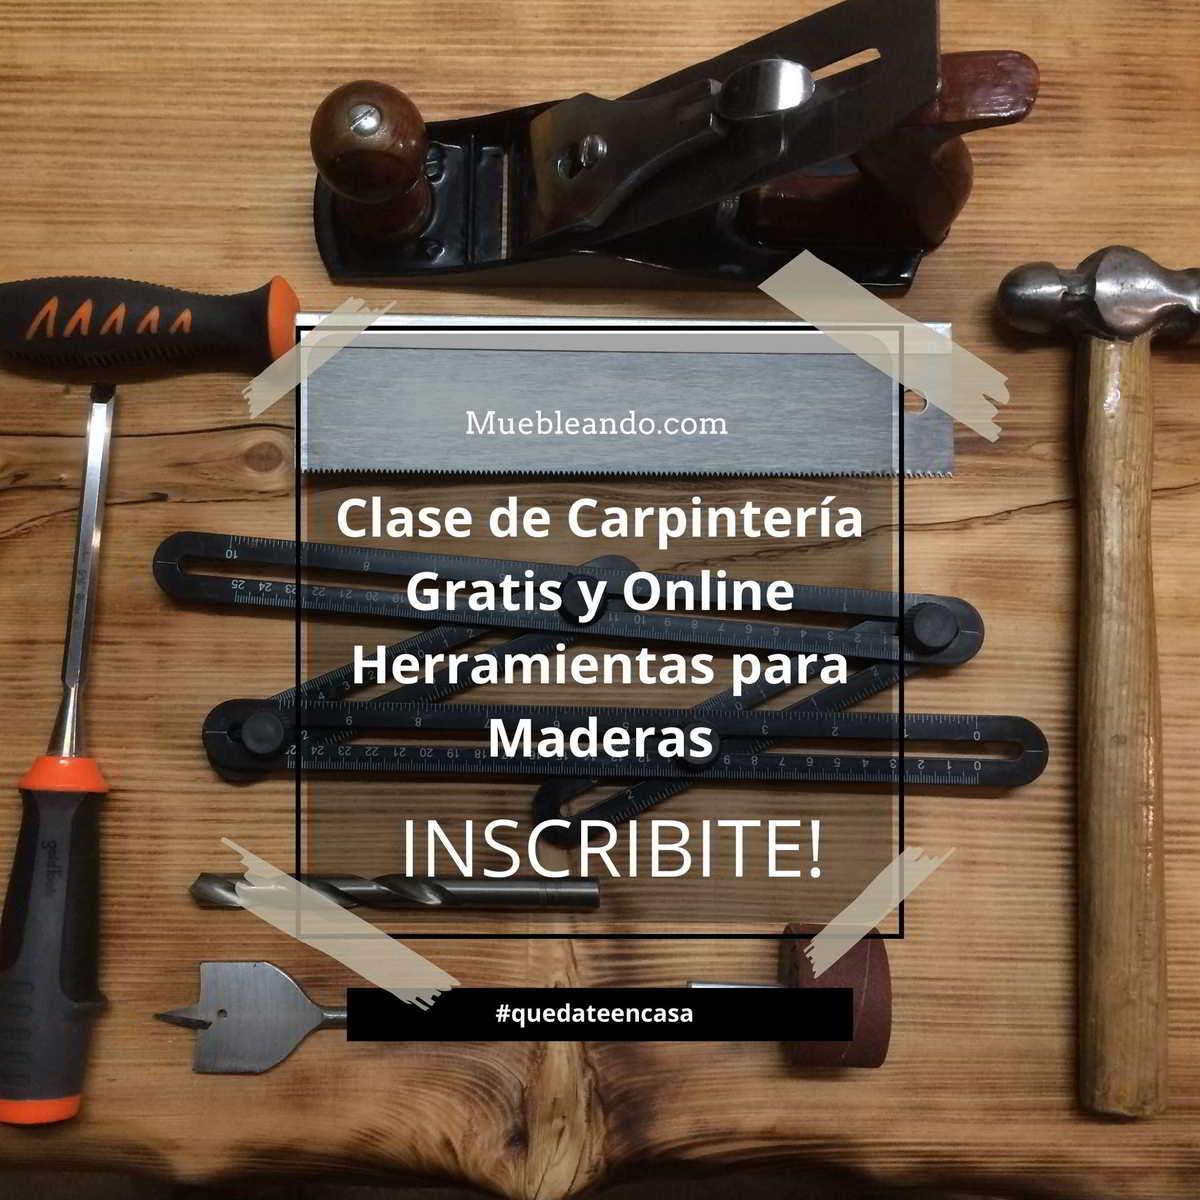 Clase de carpintería en maderas gratis, herramientas